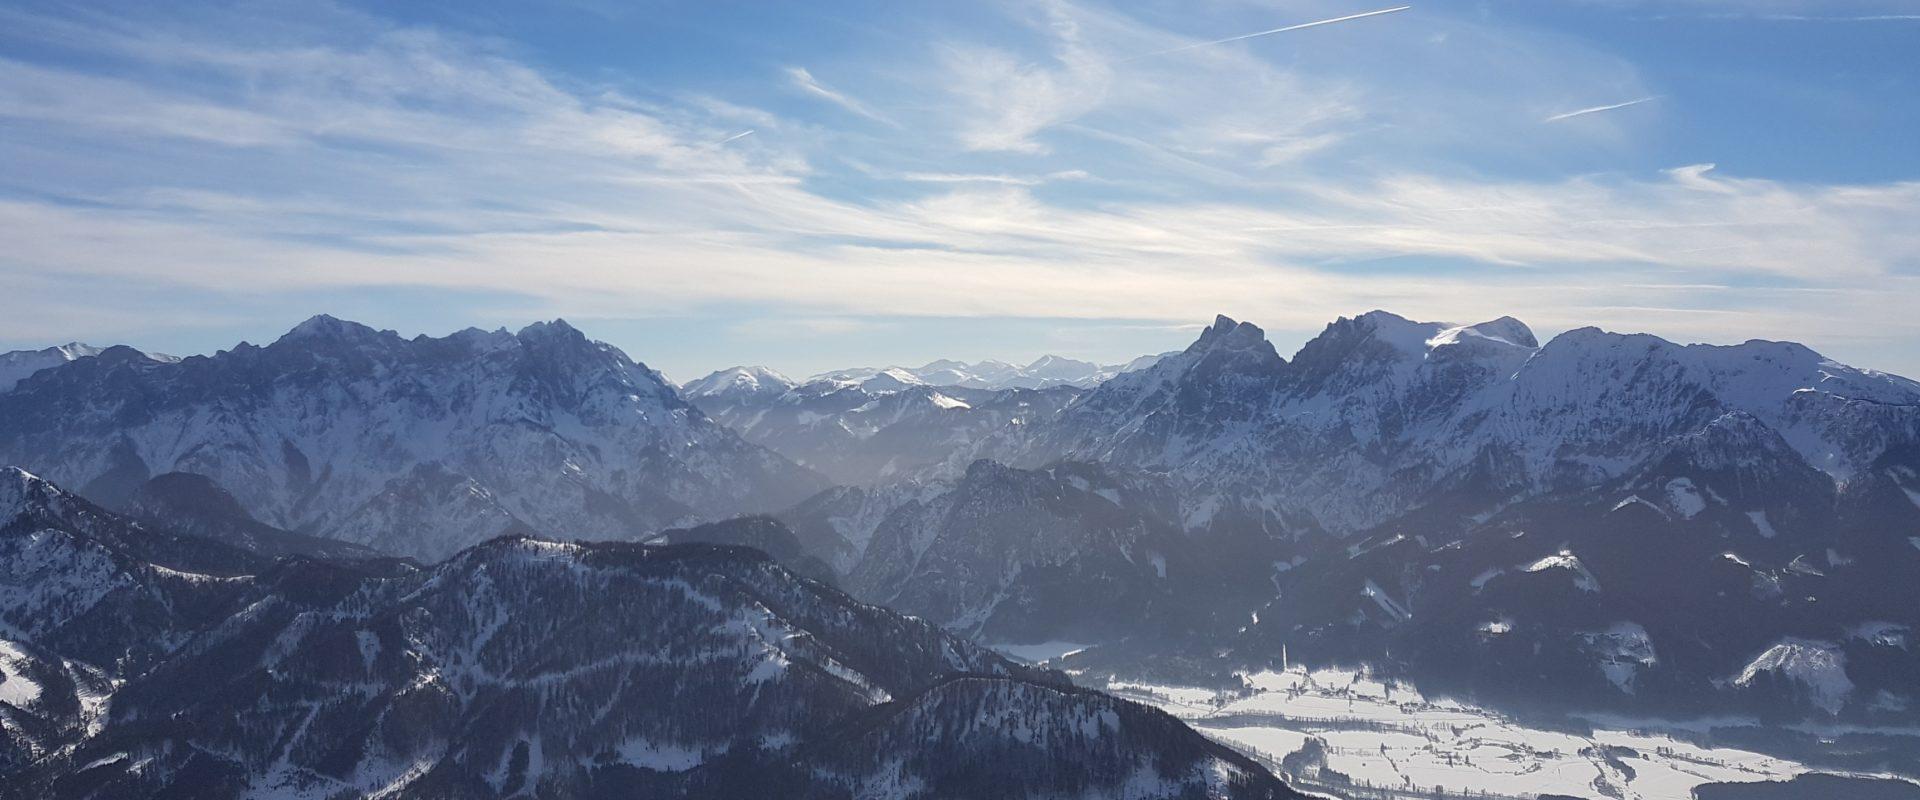 Grabnerstein Gesäuse Privatzimmer Gassner Ferienwohnungen Nationalpark Gesäuse Winter nördlich der Enns Haus Gassner Skitour